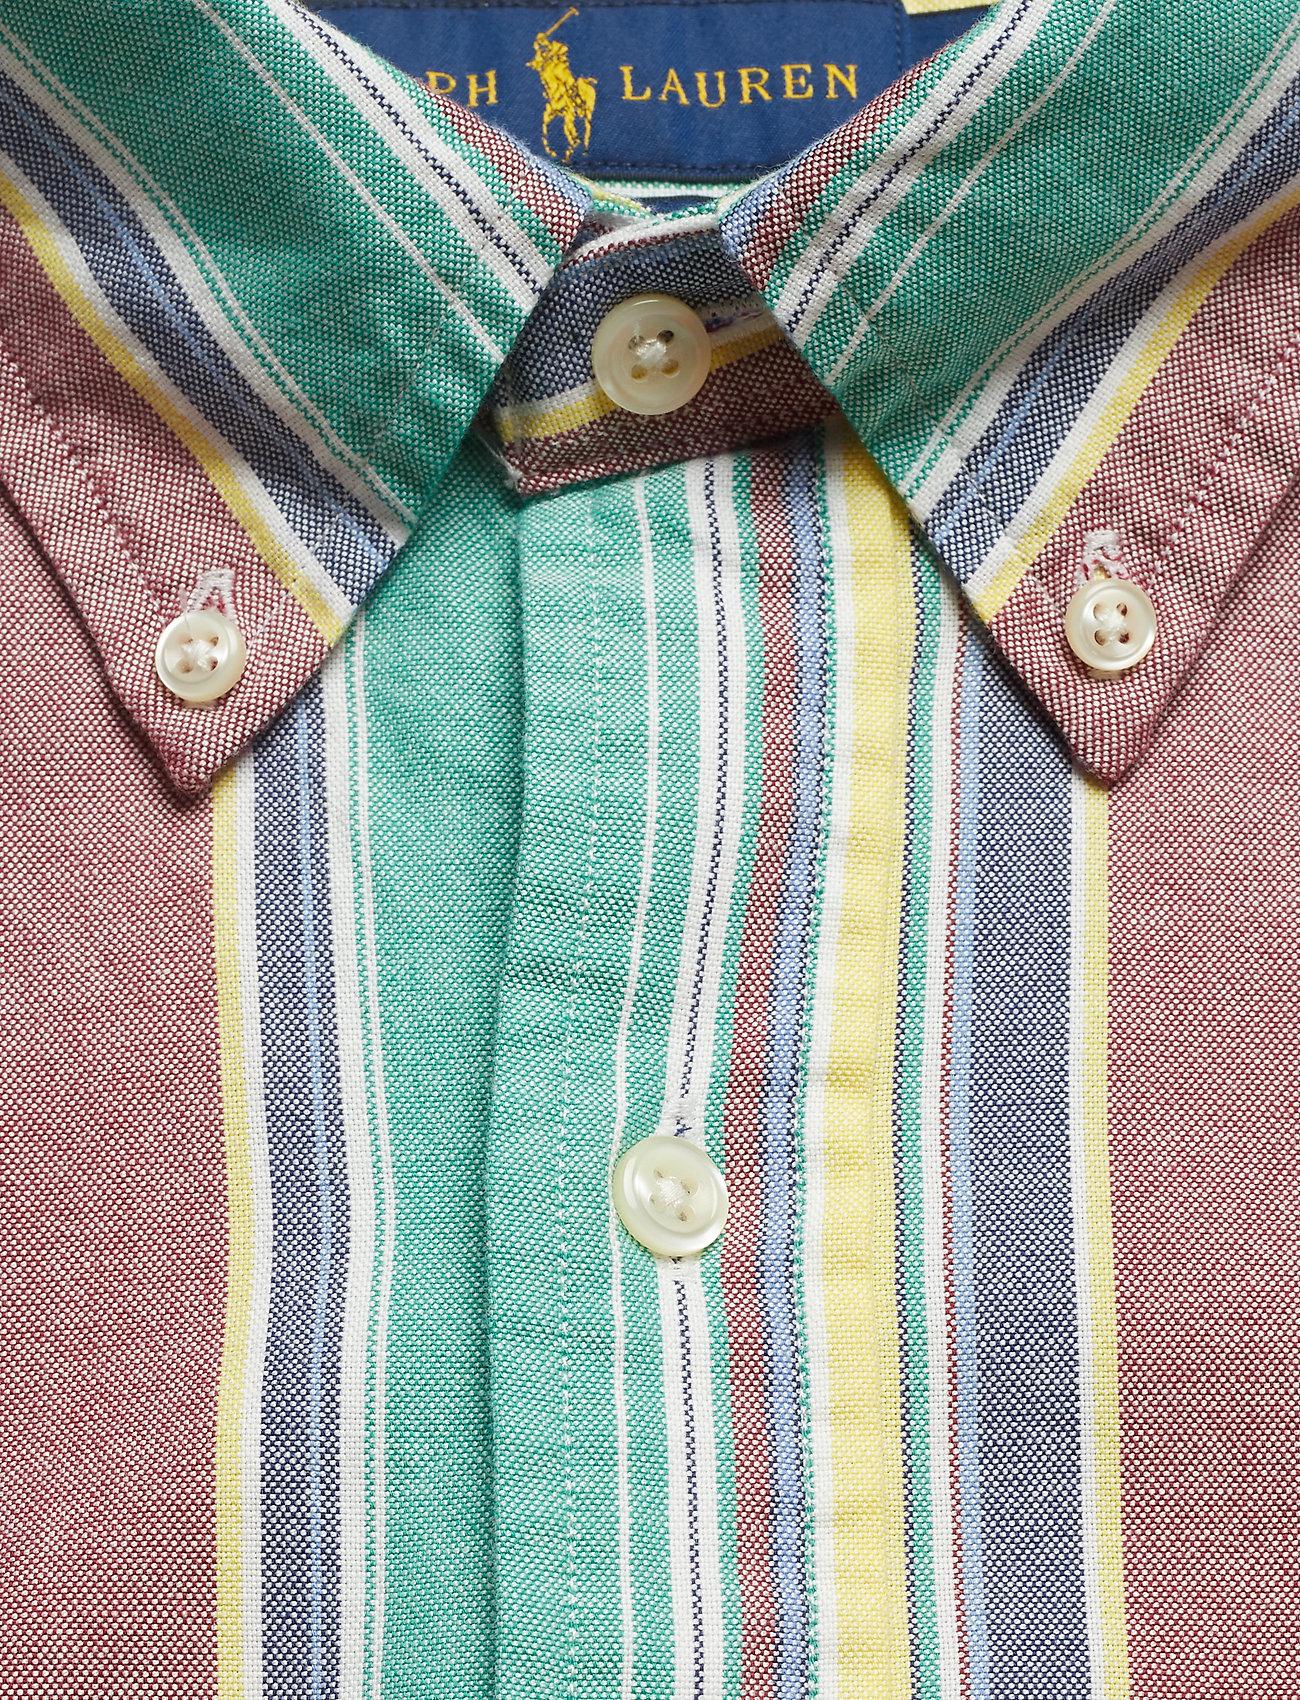 Ppc long Garnet Bd Cu Ralph yelloPolo Lauren Sp Sleeve sport Shirt4137 clFK1J